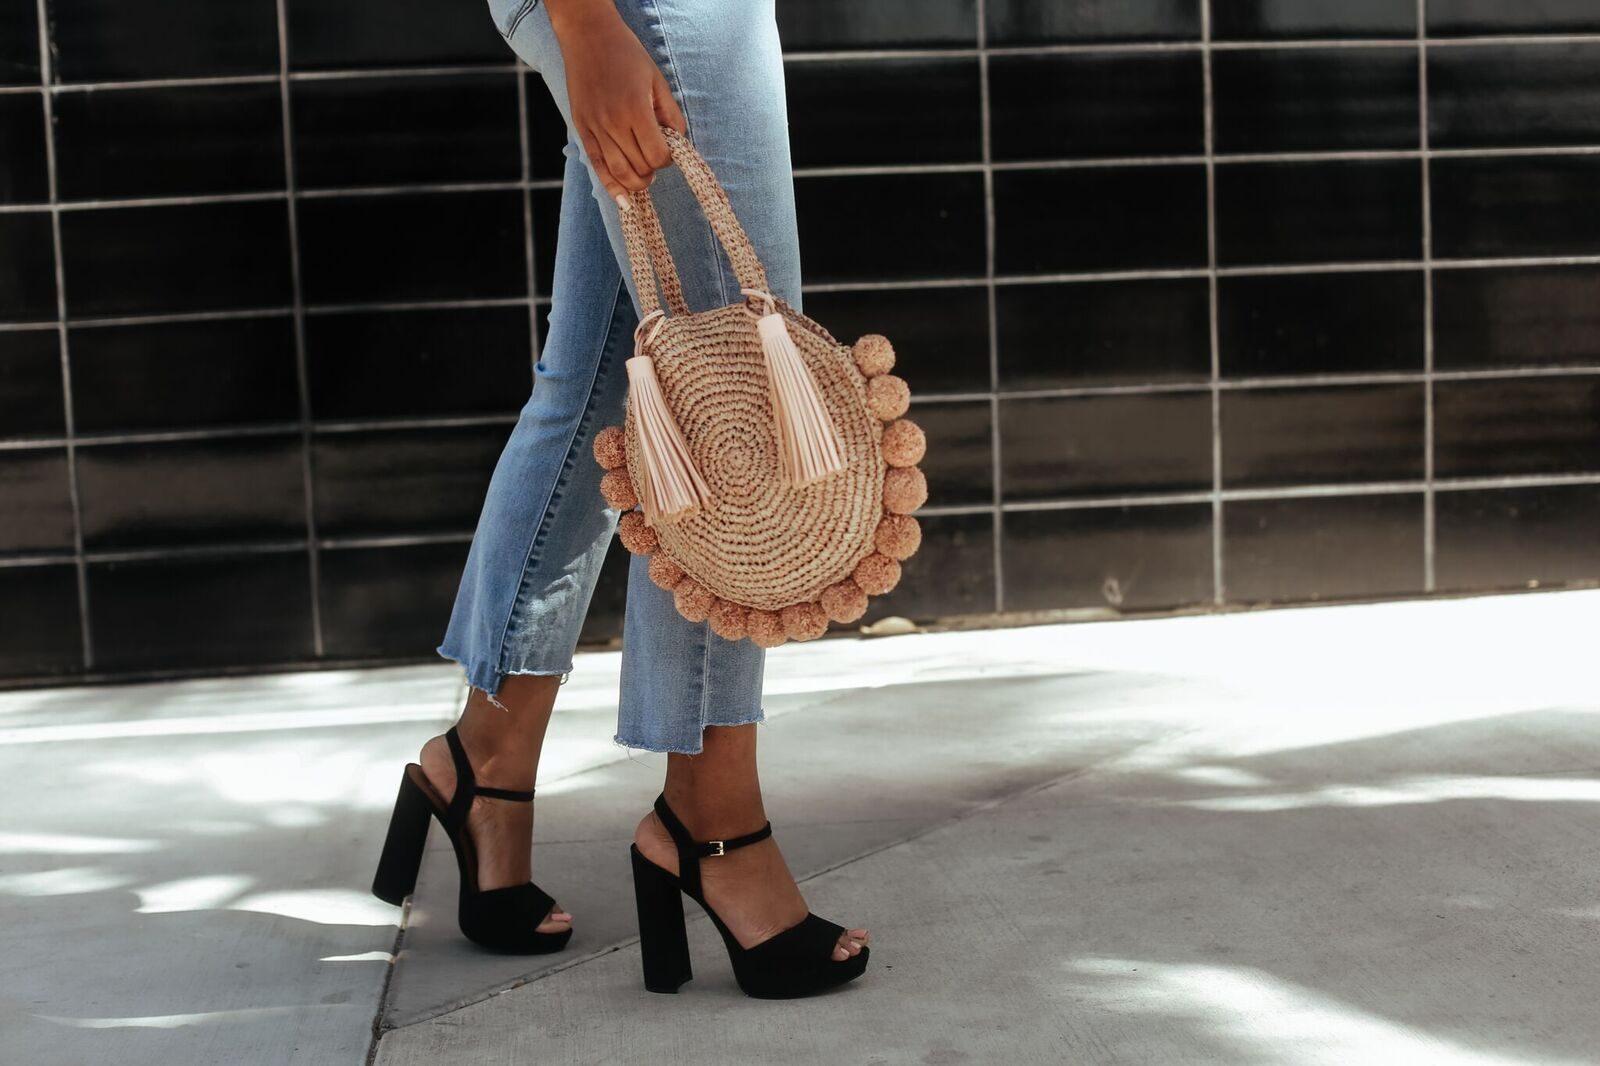 Loeffler Randall Straw Bag - Le Fab Chic